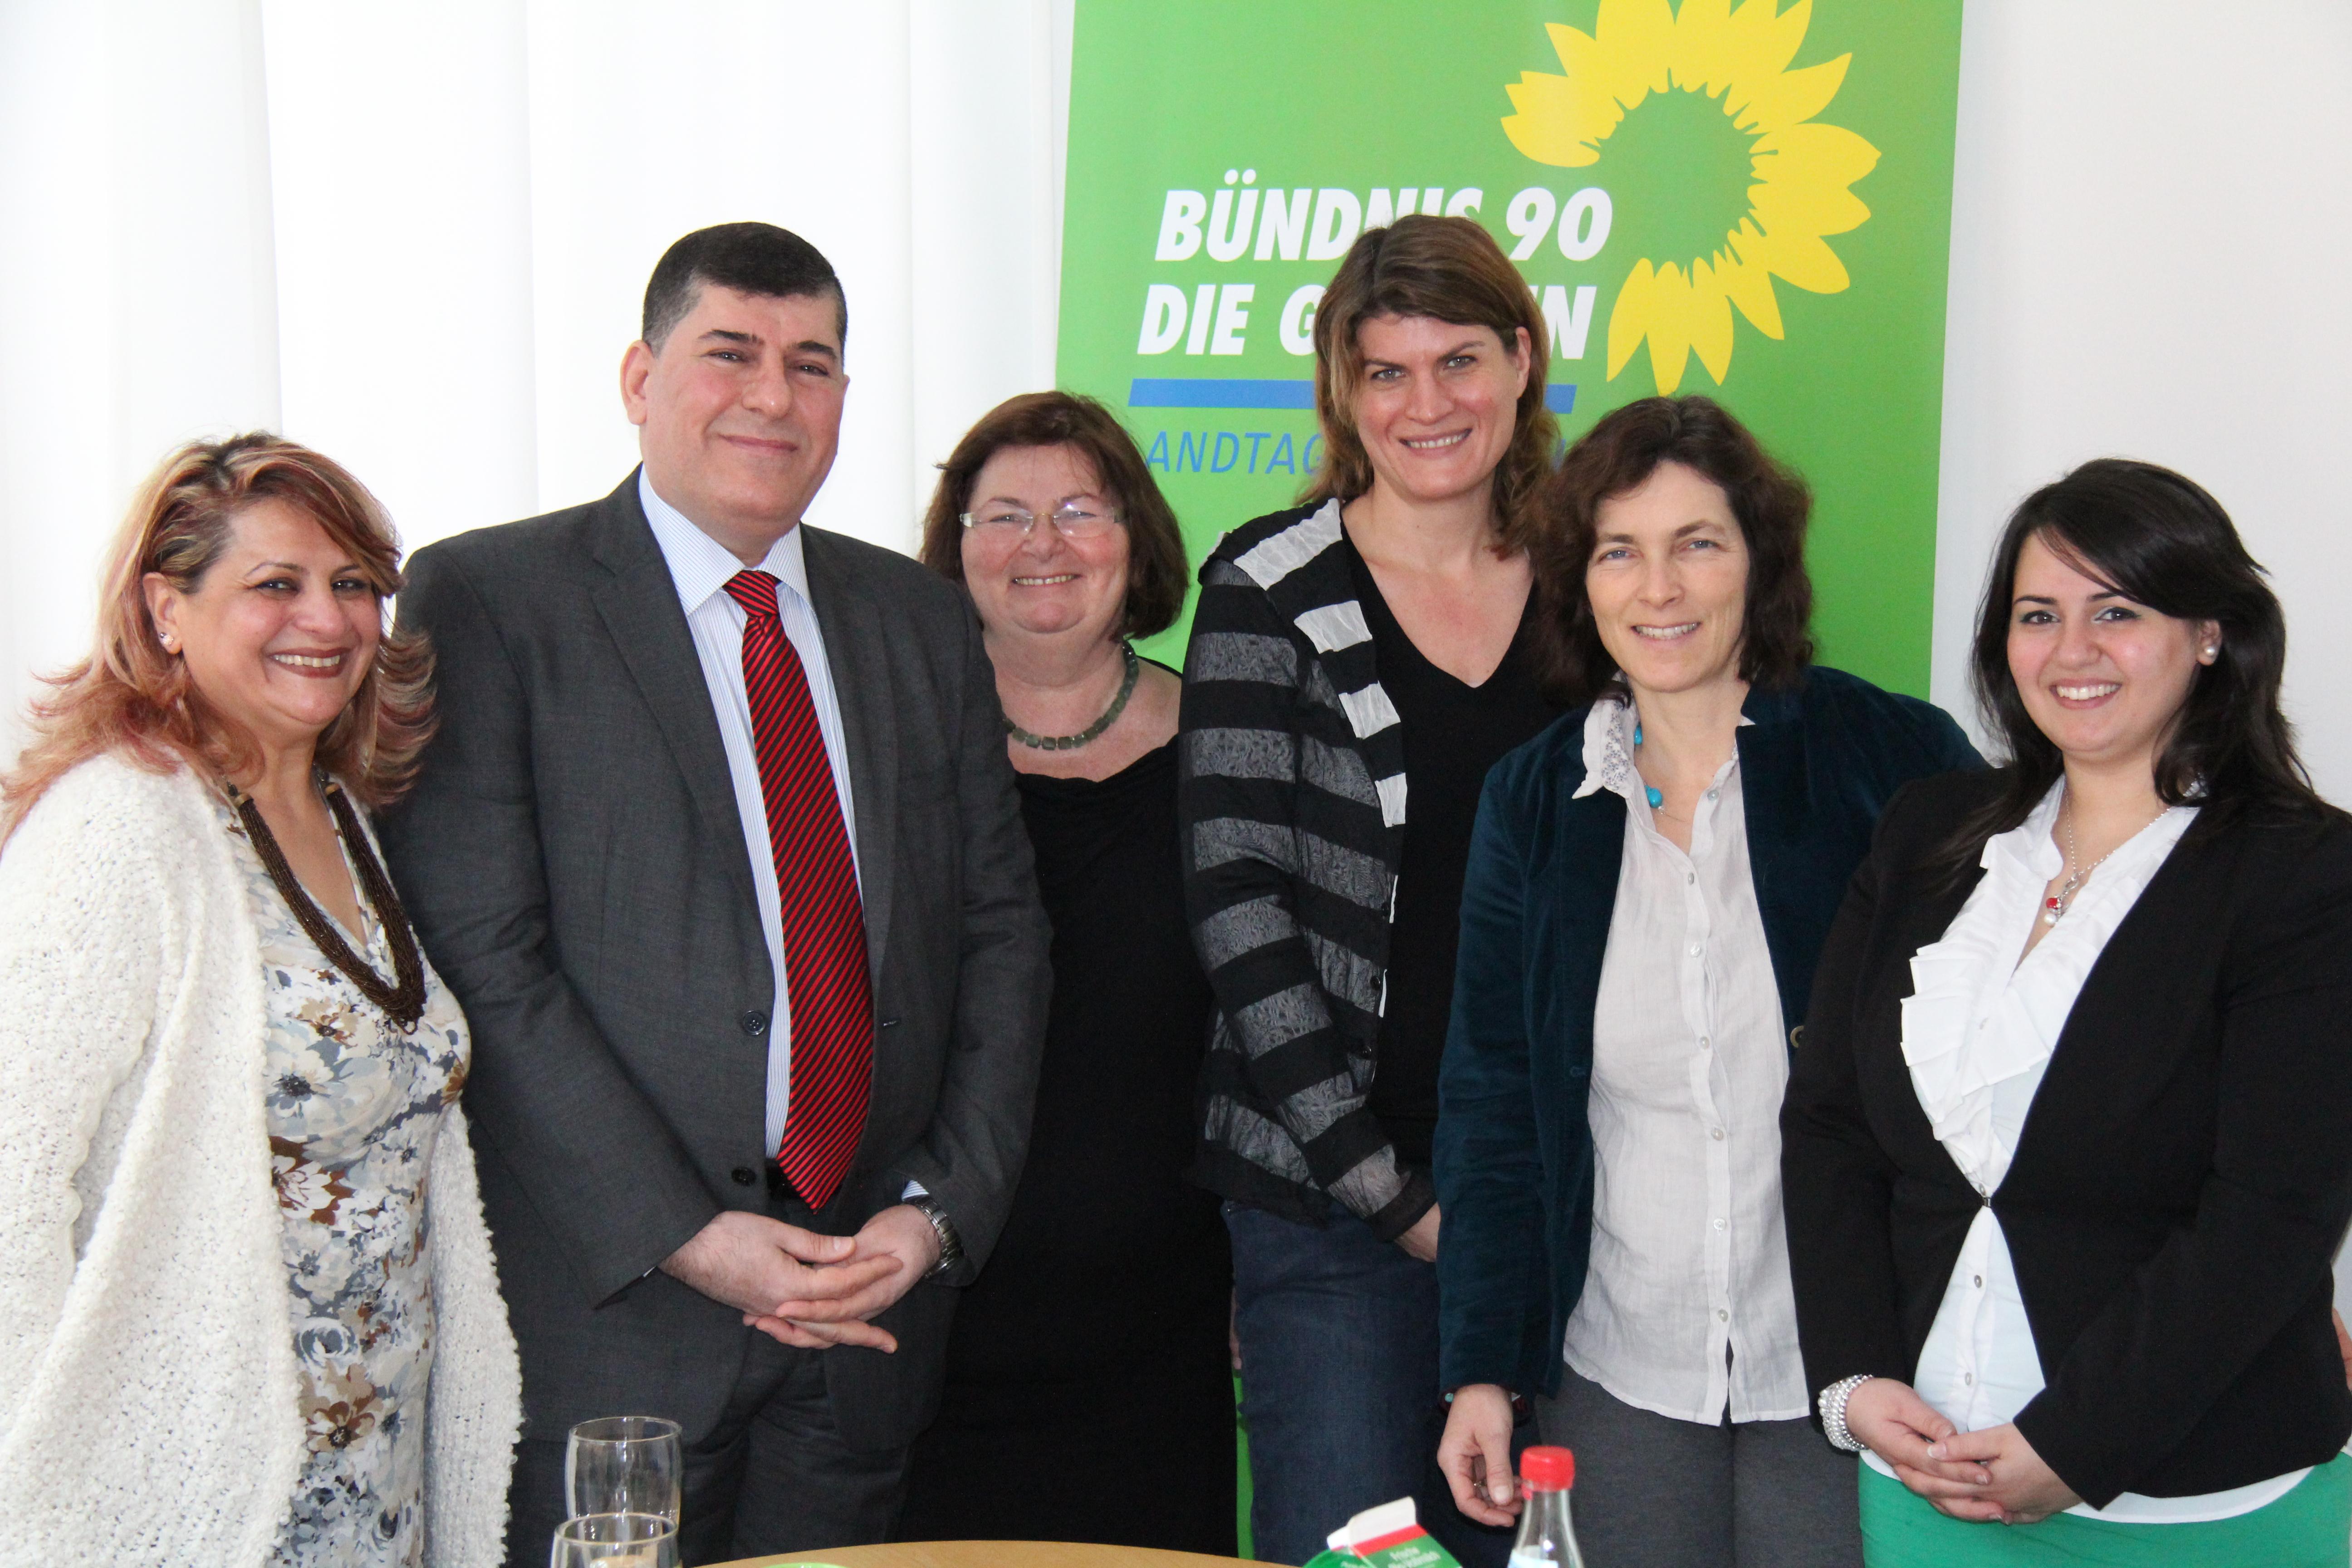 Christine Kamm, Claudia Stamm und Kerstin Celina bei dem Besuch von Irfan Kirkukly.